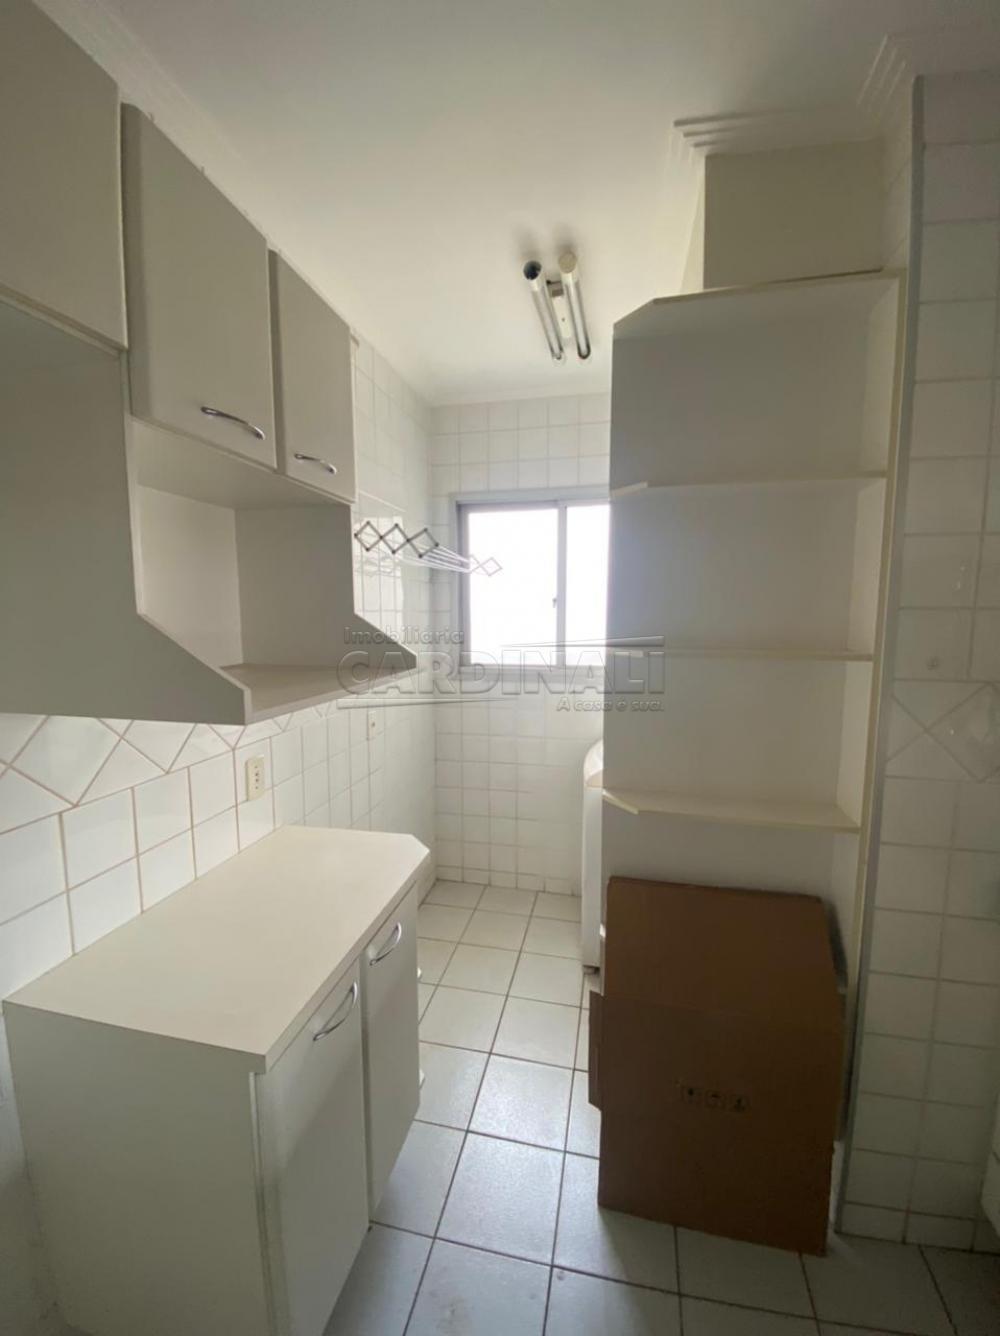 Alugar Apartamento / Padrão em São Carlos R$ 1.667,00 - Foto 13